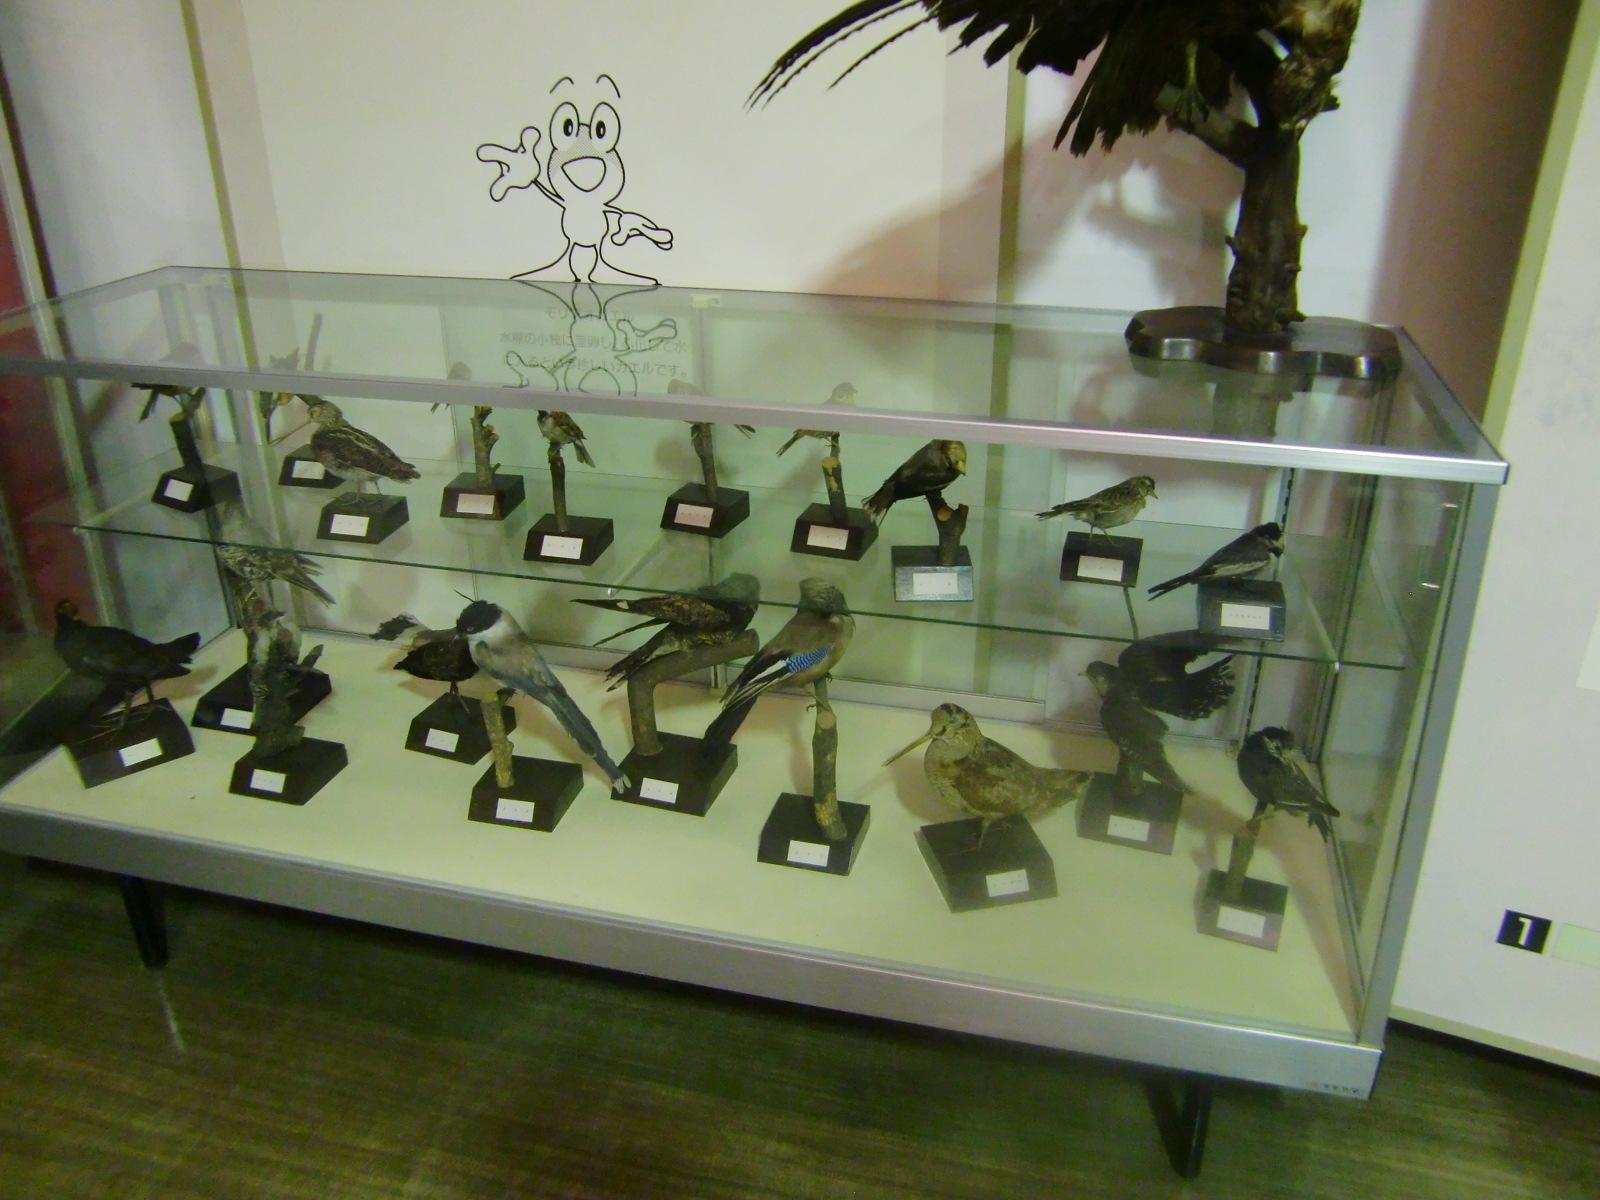 草津温泉の動物の剥製